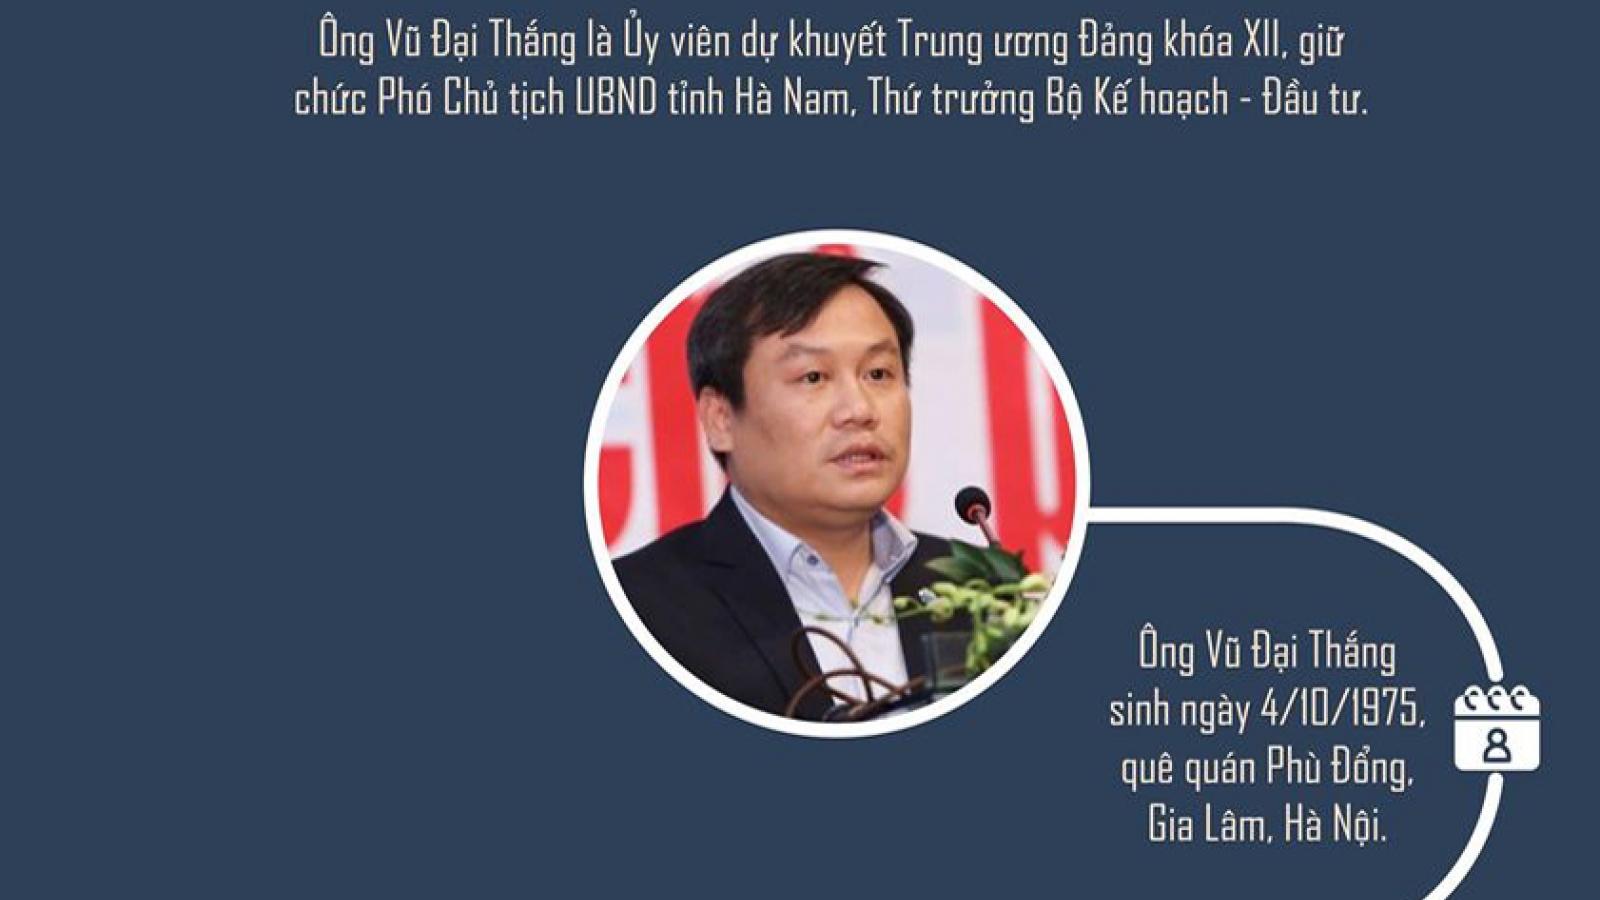 Chân dung tân Bí thư Tỉnh ủy Quảng Bình Vũ Đại Thắng